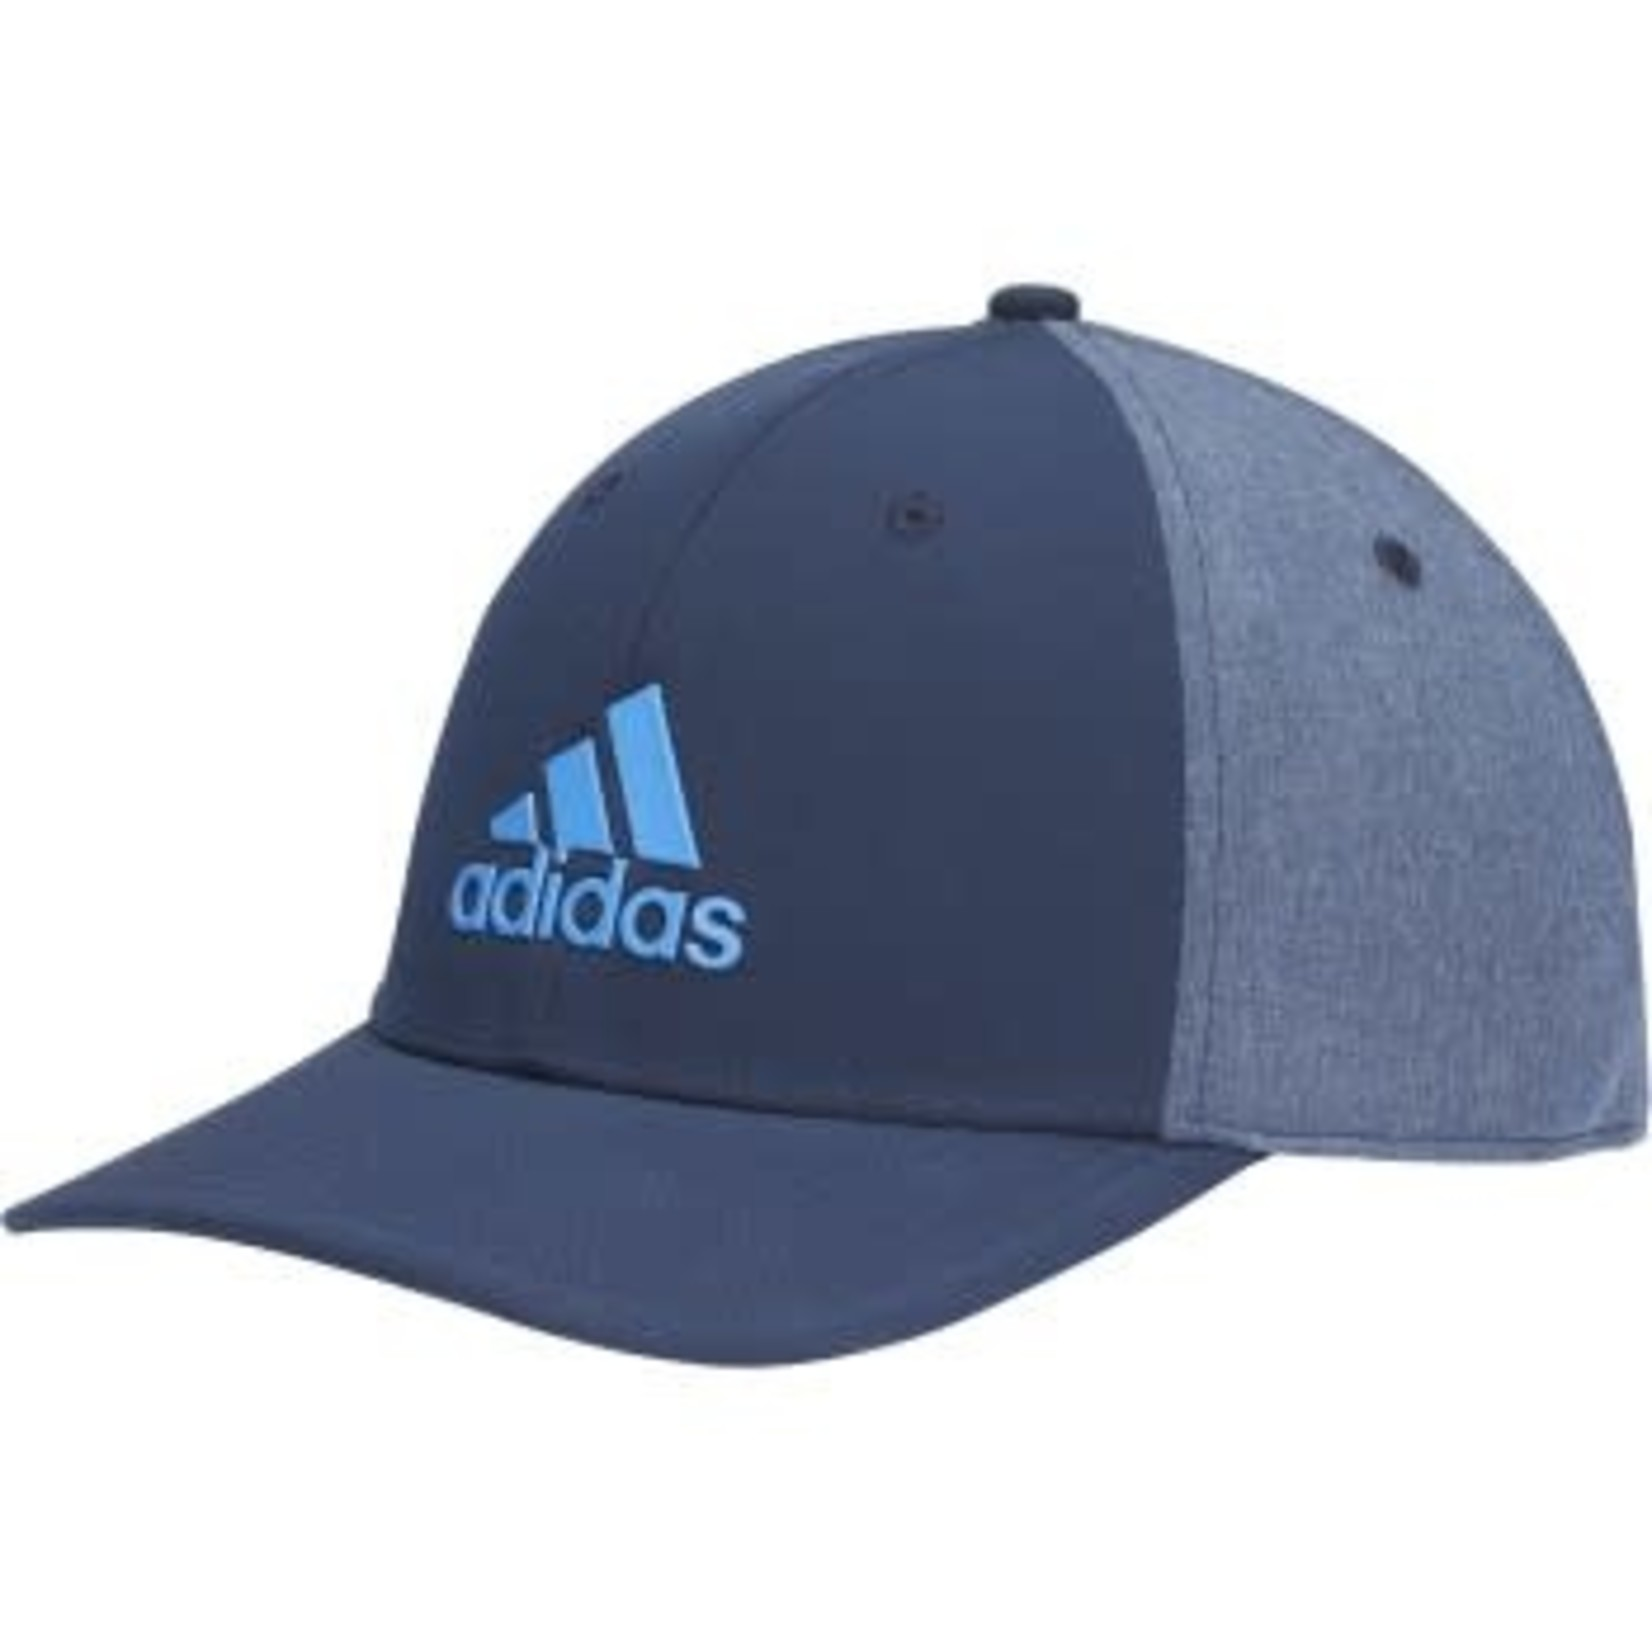 Adidas A-Stretch BOS Hat